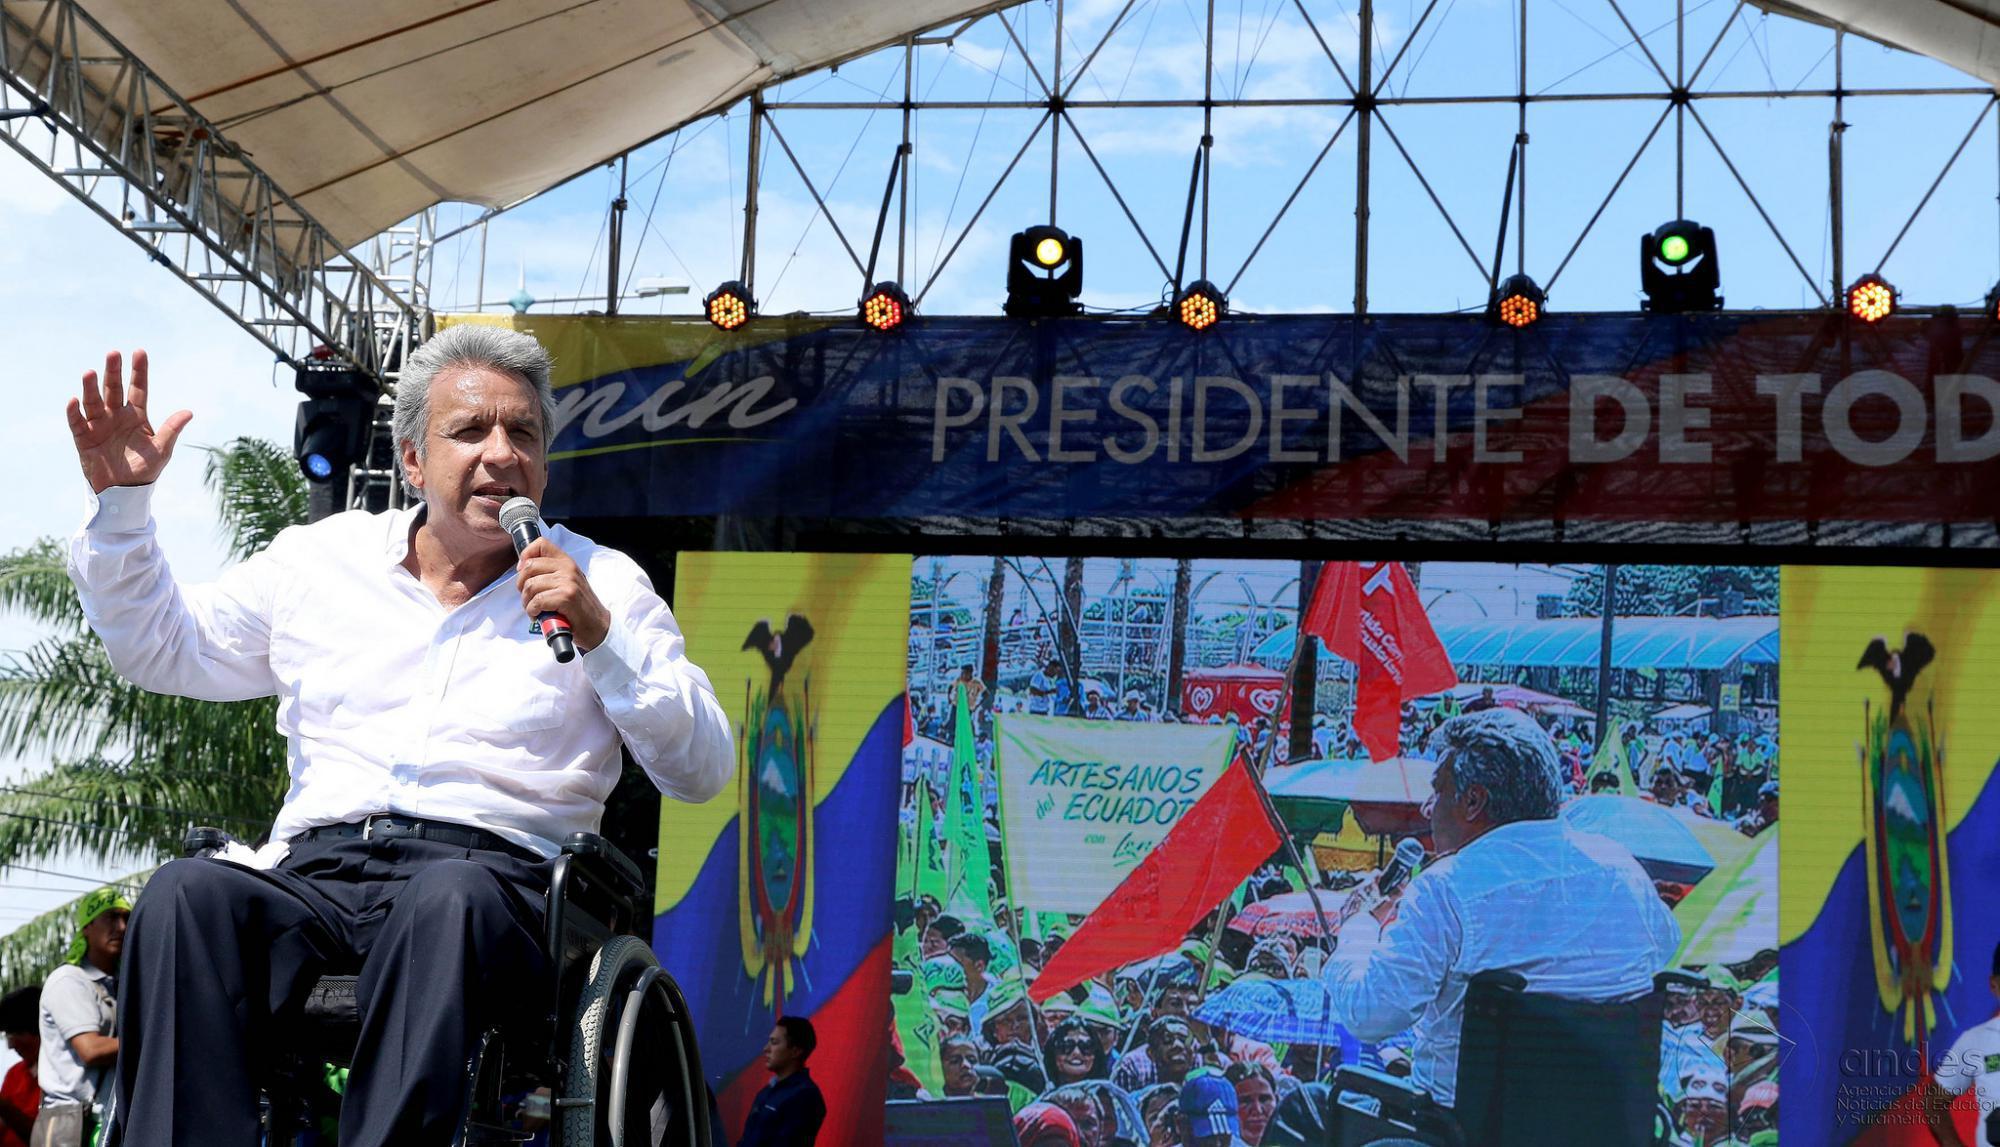 Flickr: Agencia de Noticias ANDES